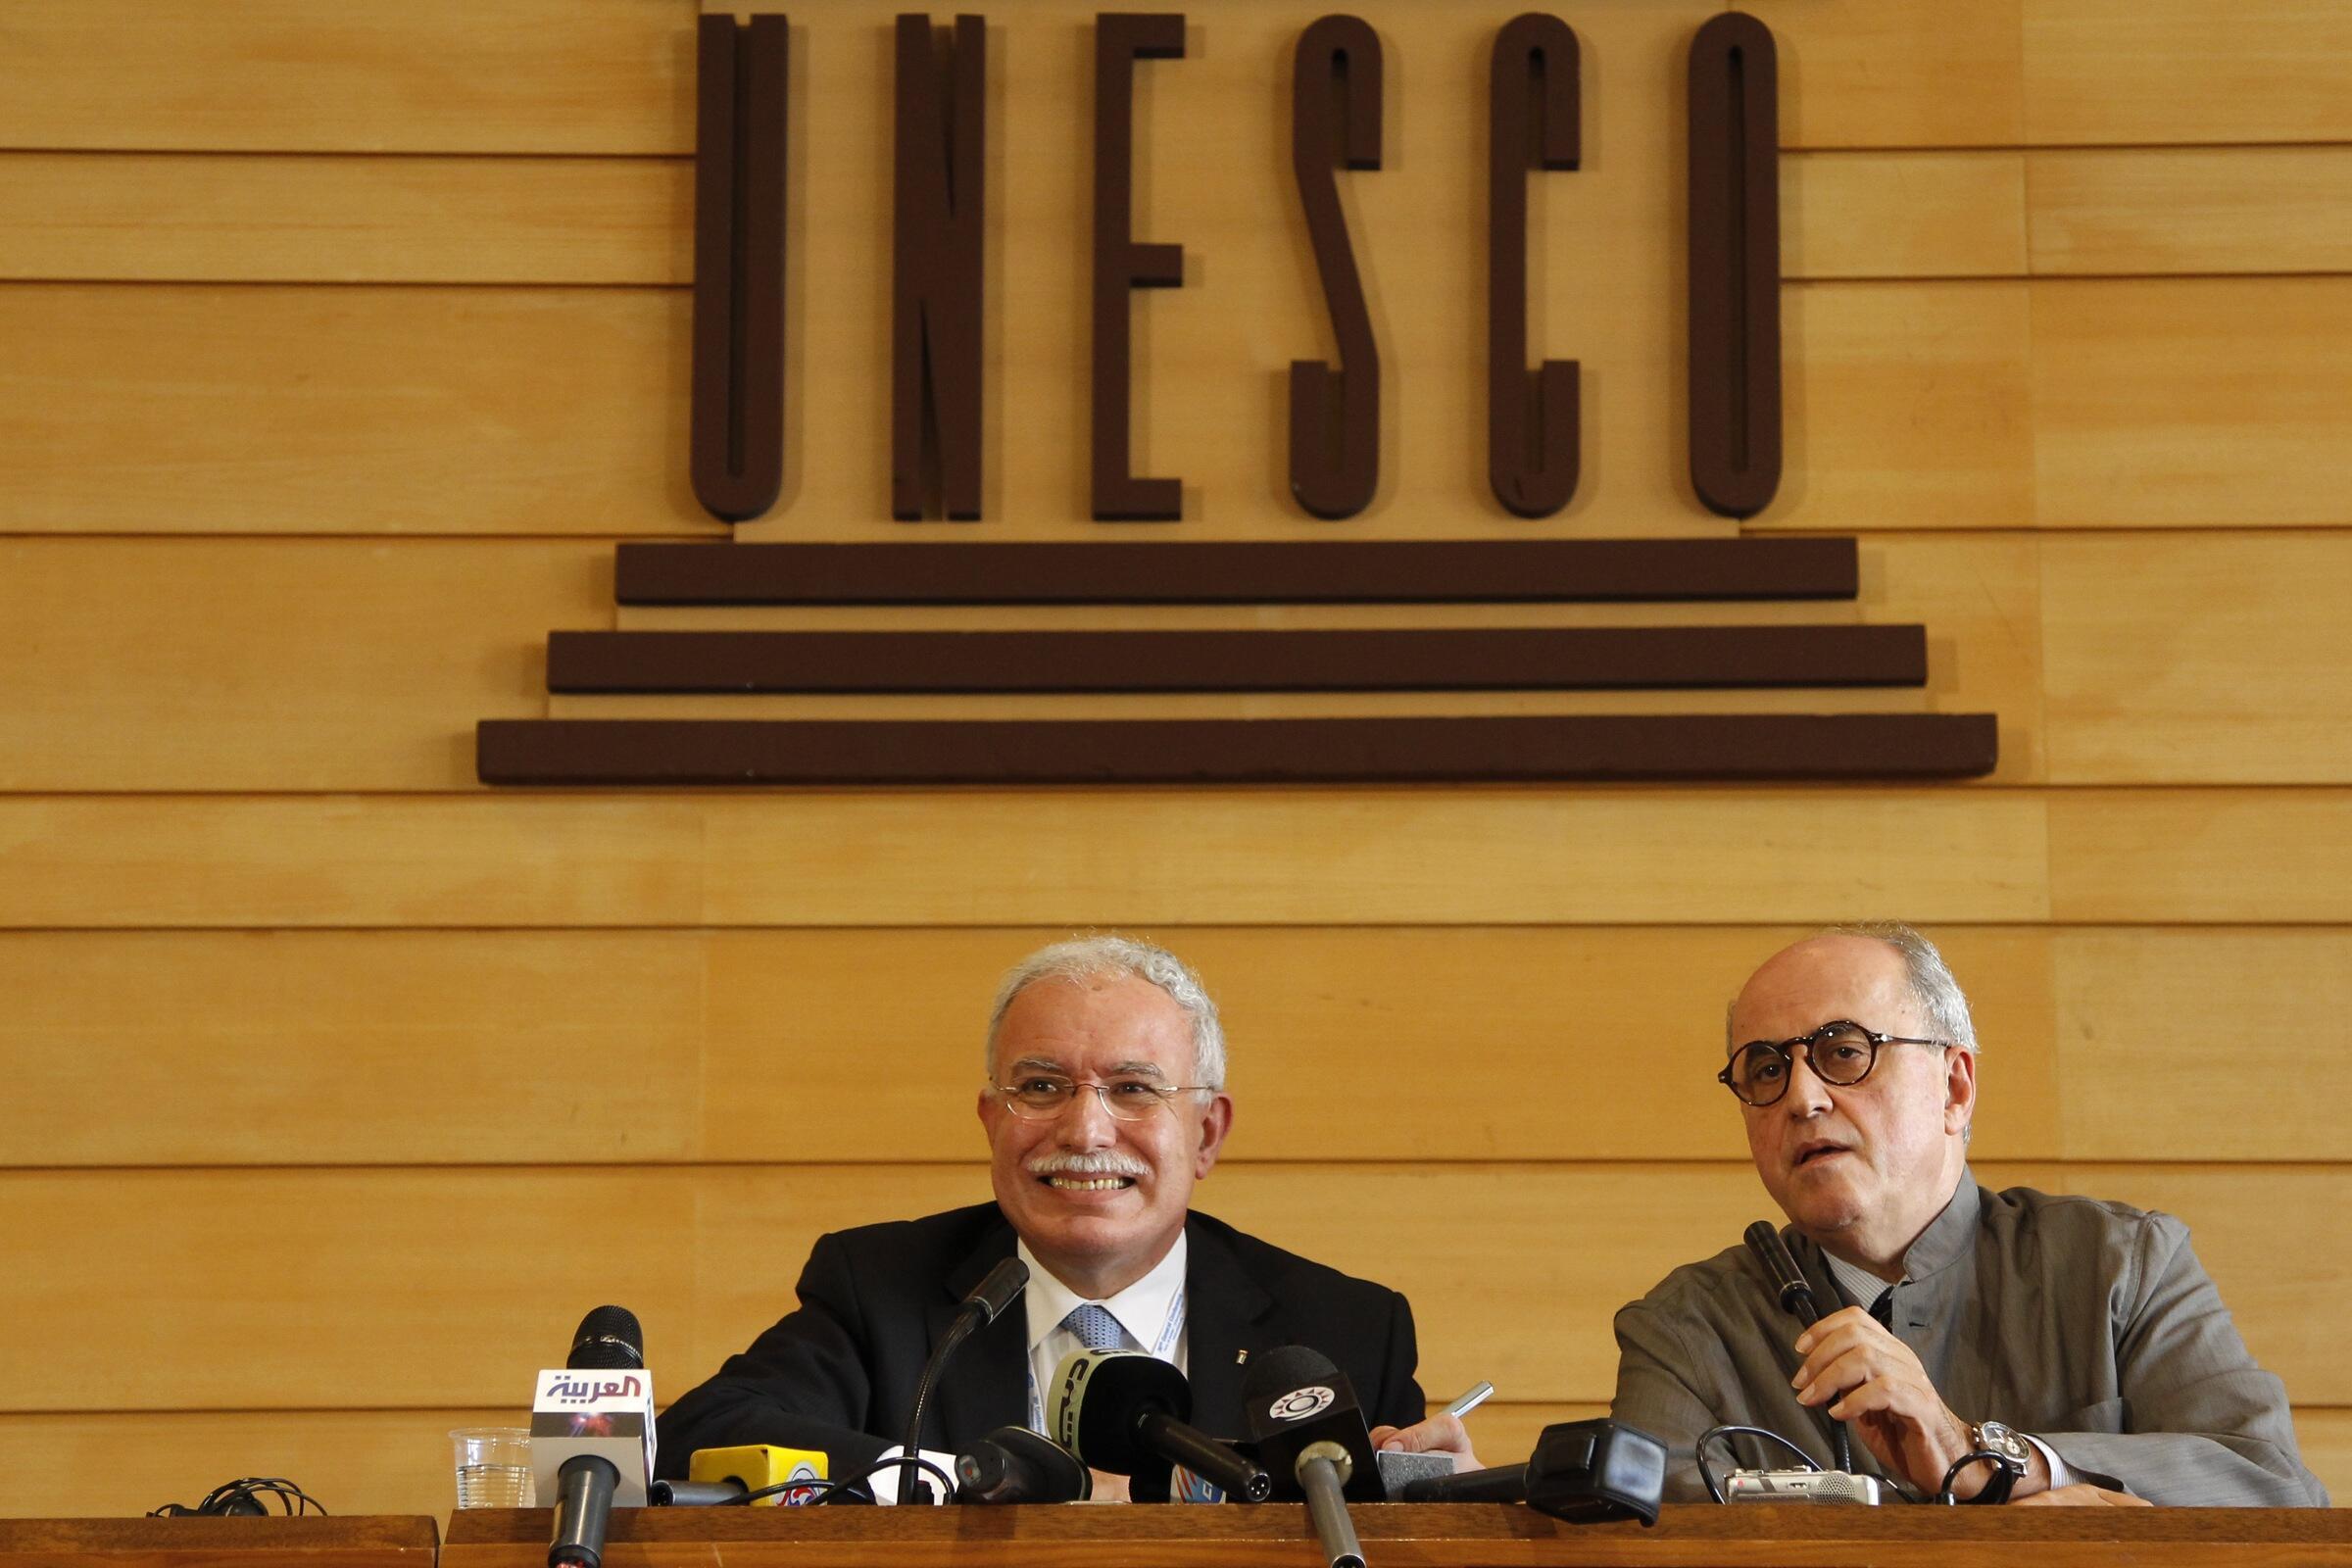 El ministro palestino de Relaciones Internacionales Riyad al Malki y el embajador palestino antes la UNESCO Elías Sanbar en la conferencia de prensa de esta 36° sesión de la conferencia general del organismo.